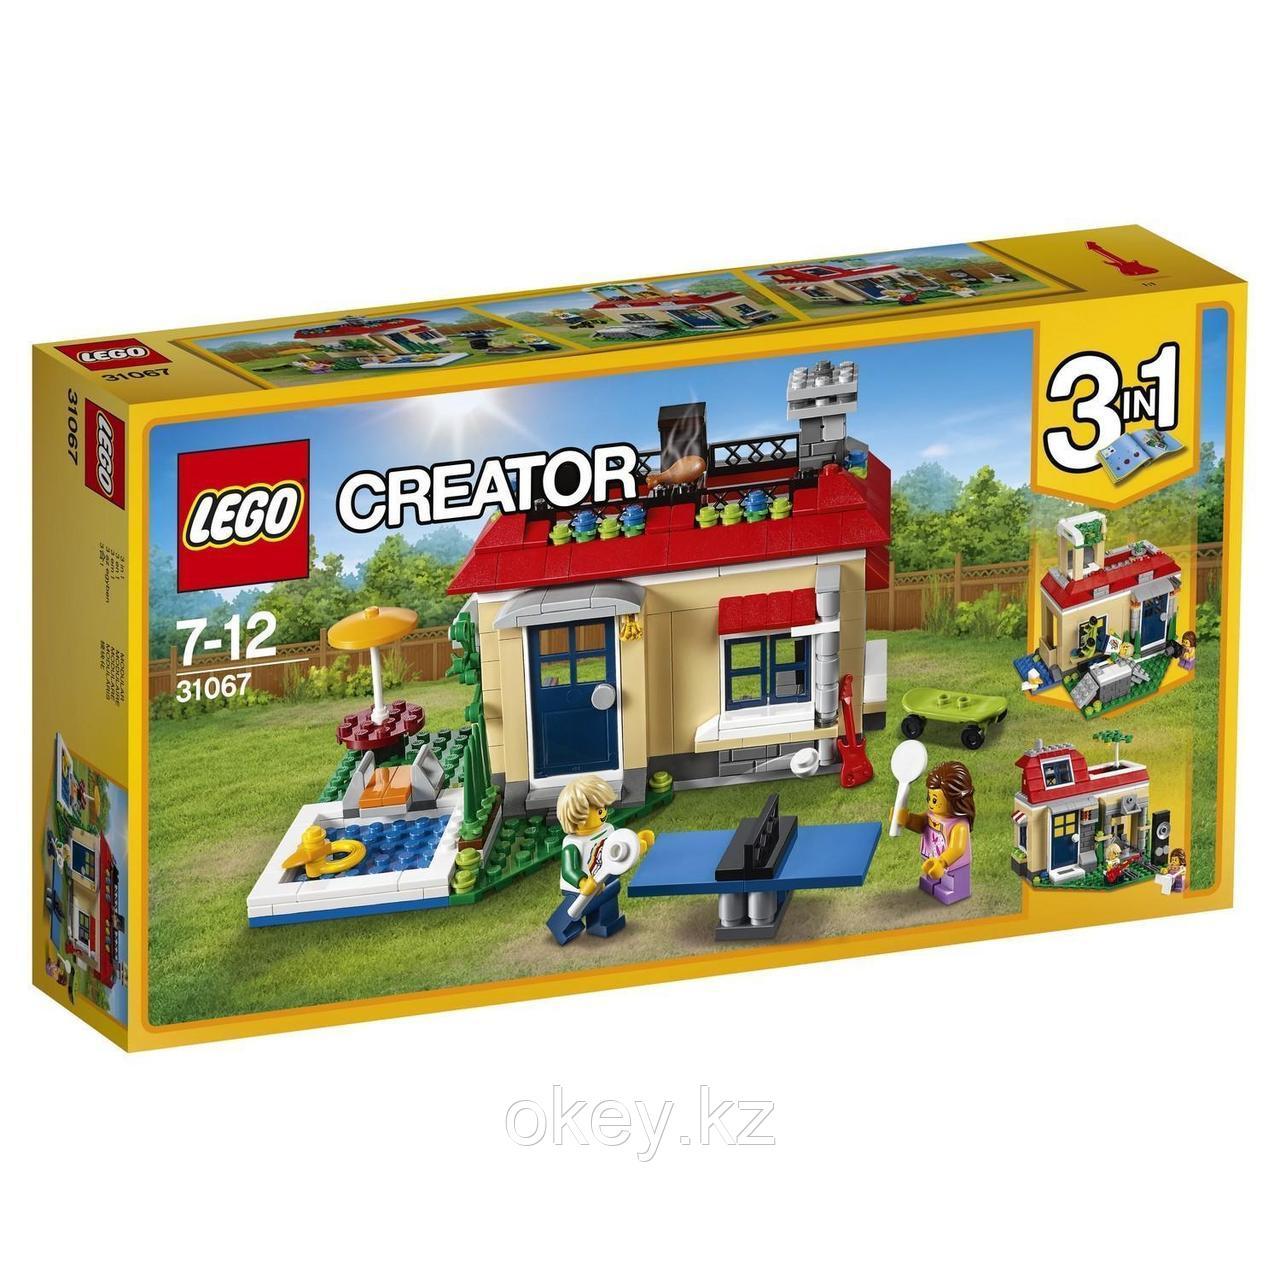 LEGO Creator: Вечеринка у бассейна 31067